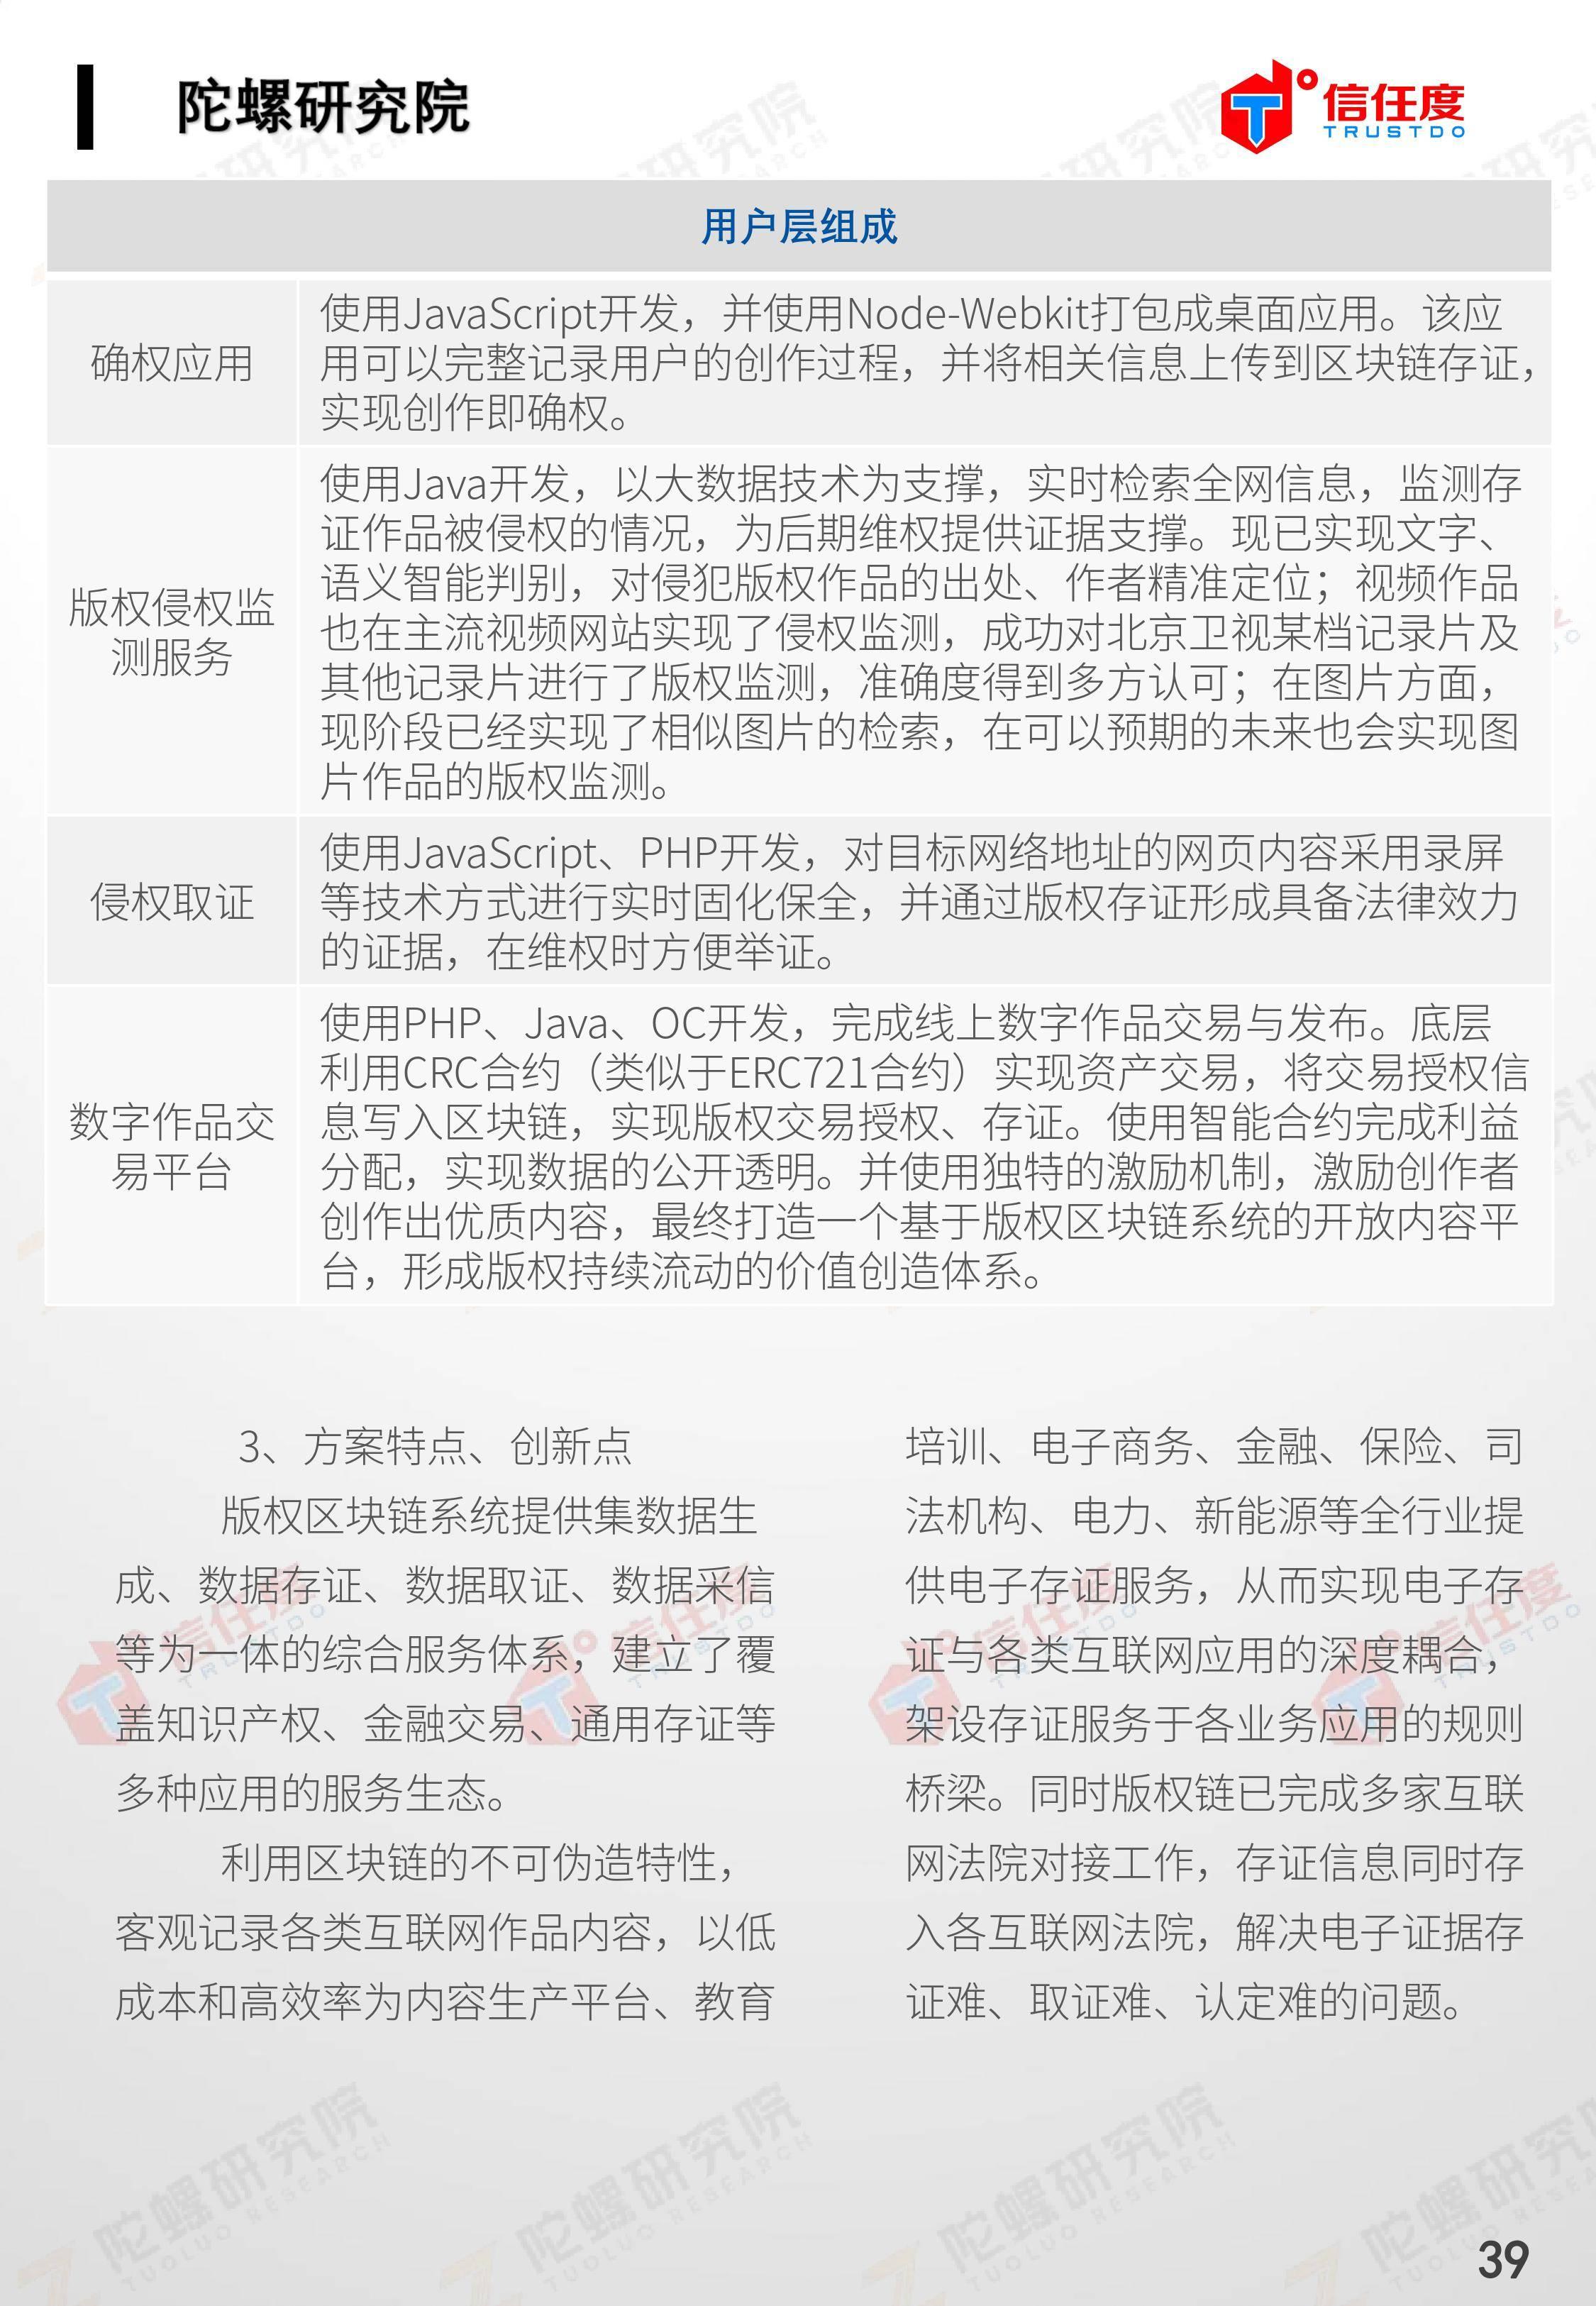 区块链司法存证应用报告发布:存在四大优势,应用前景广阔(全文)